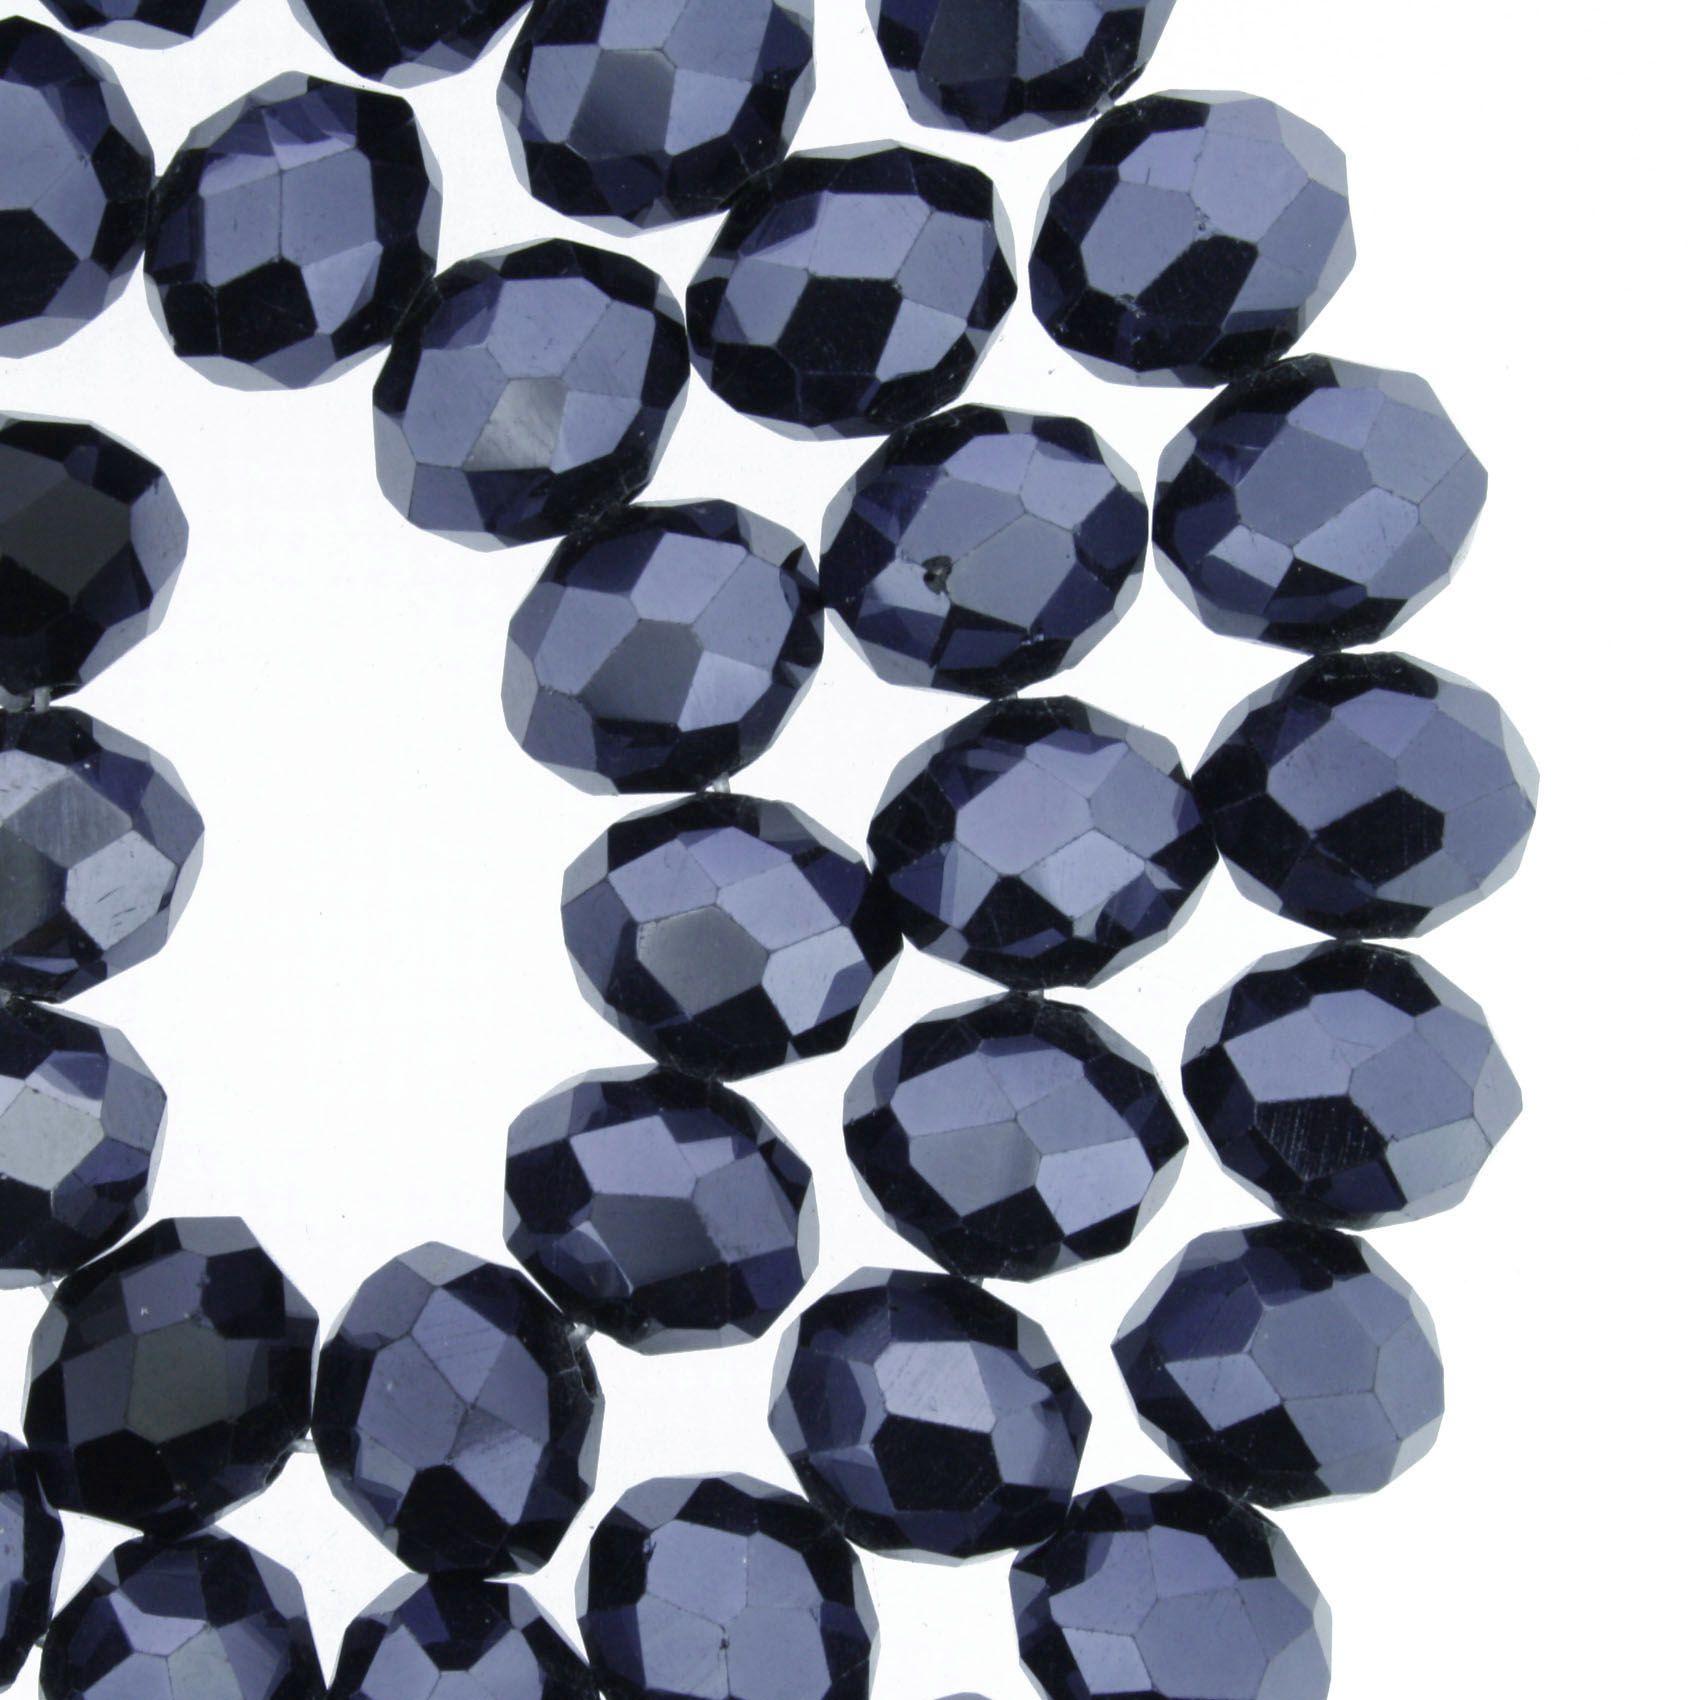 Fio de Cristal - Flat® - Grafite - 10mm  - Stéphanie Bijoux® - Peças para Bijuterias e Artesanato